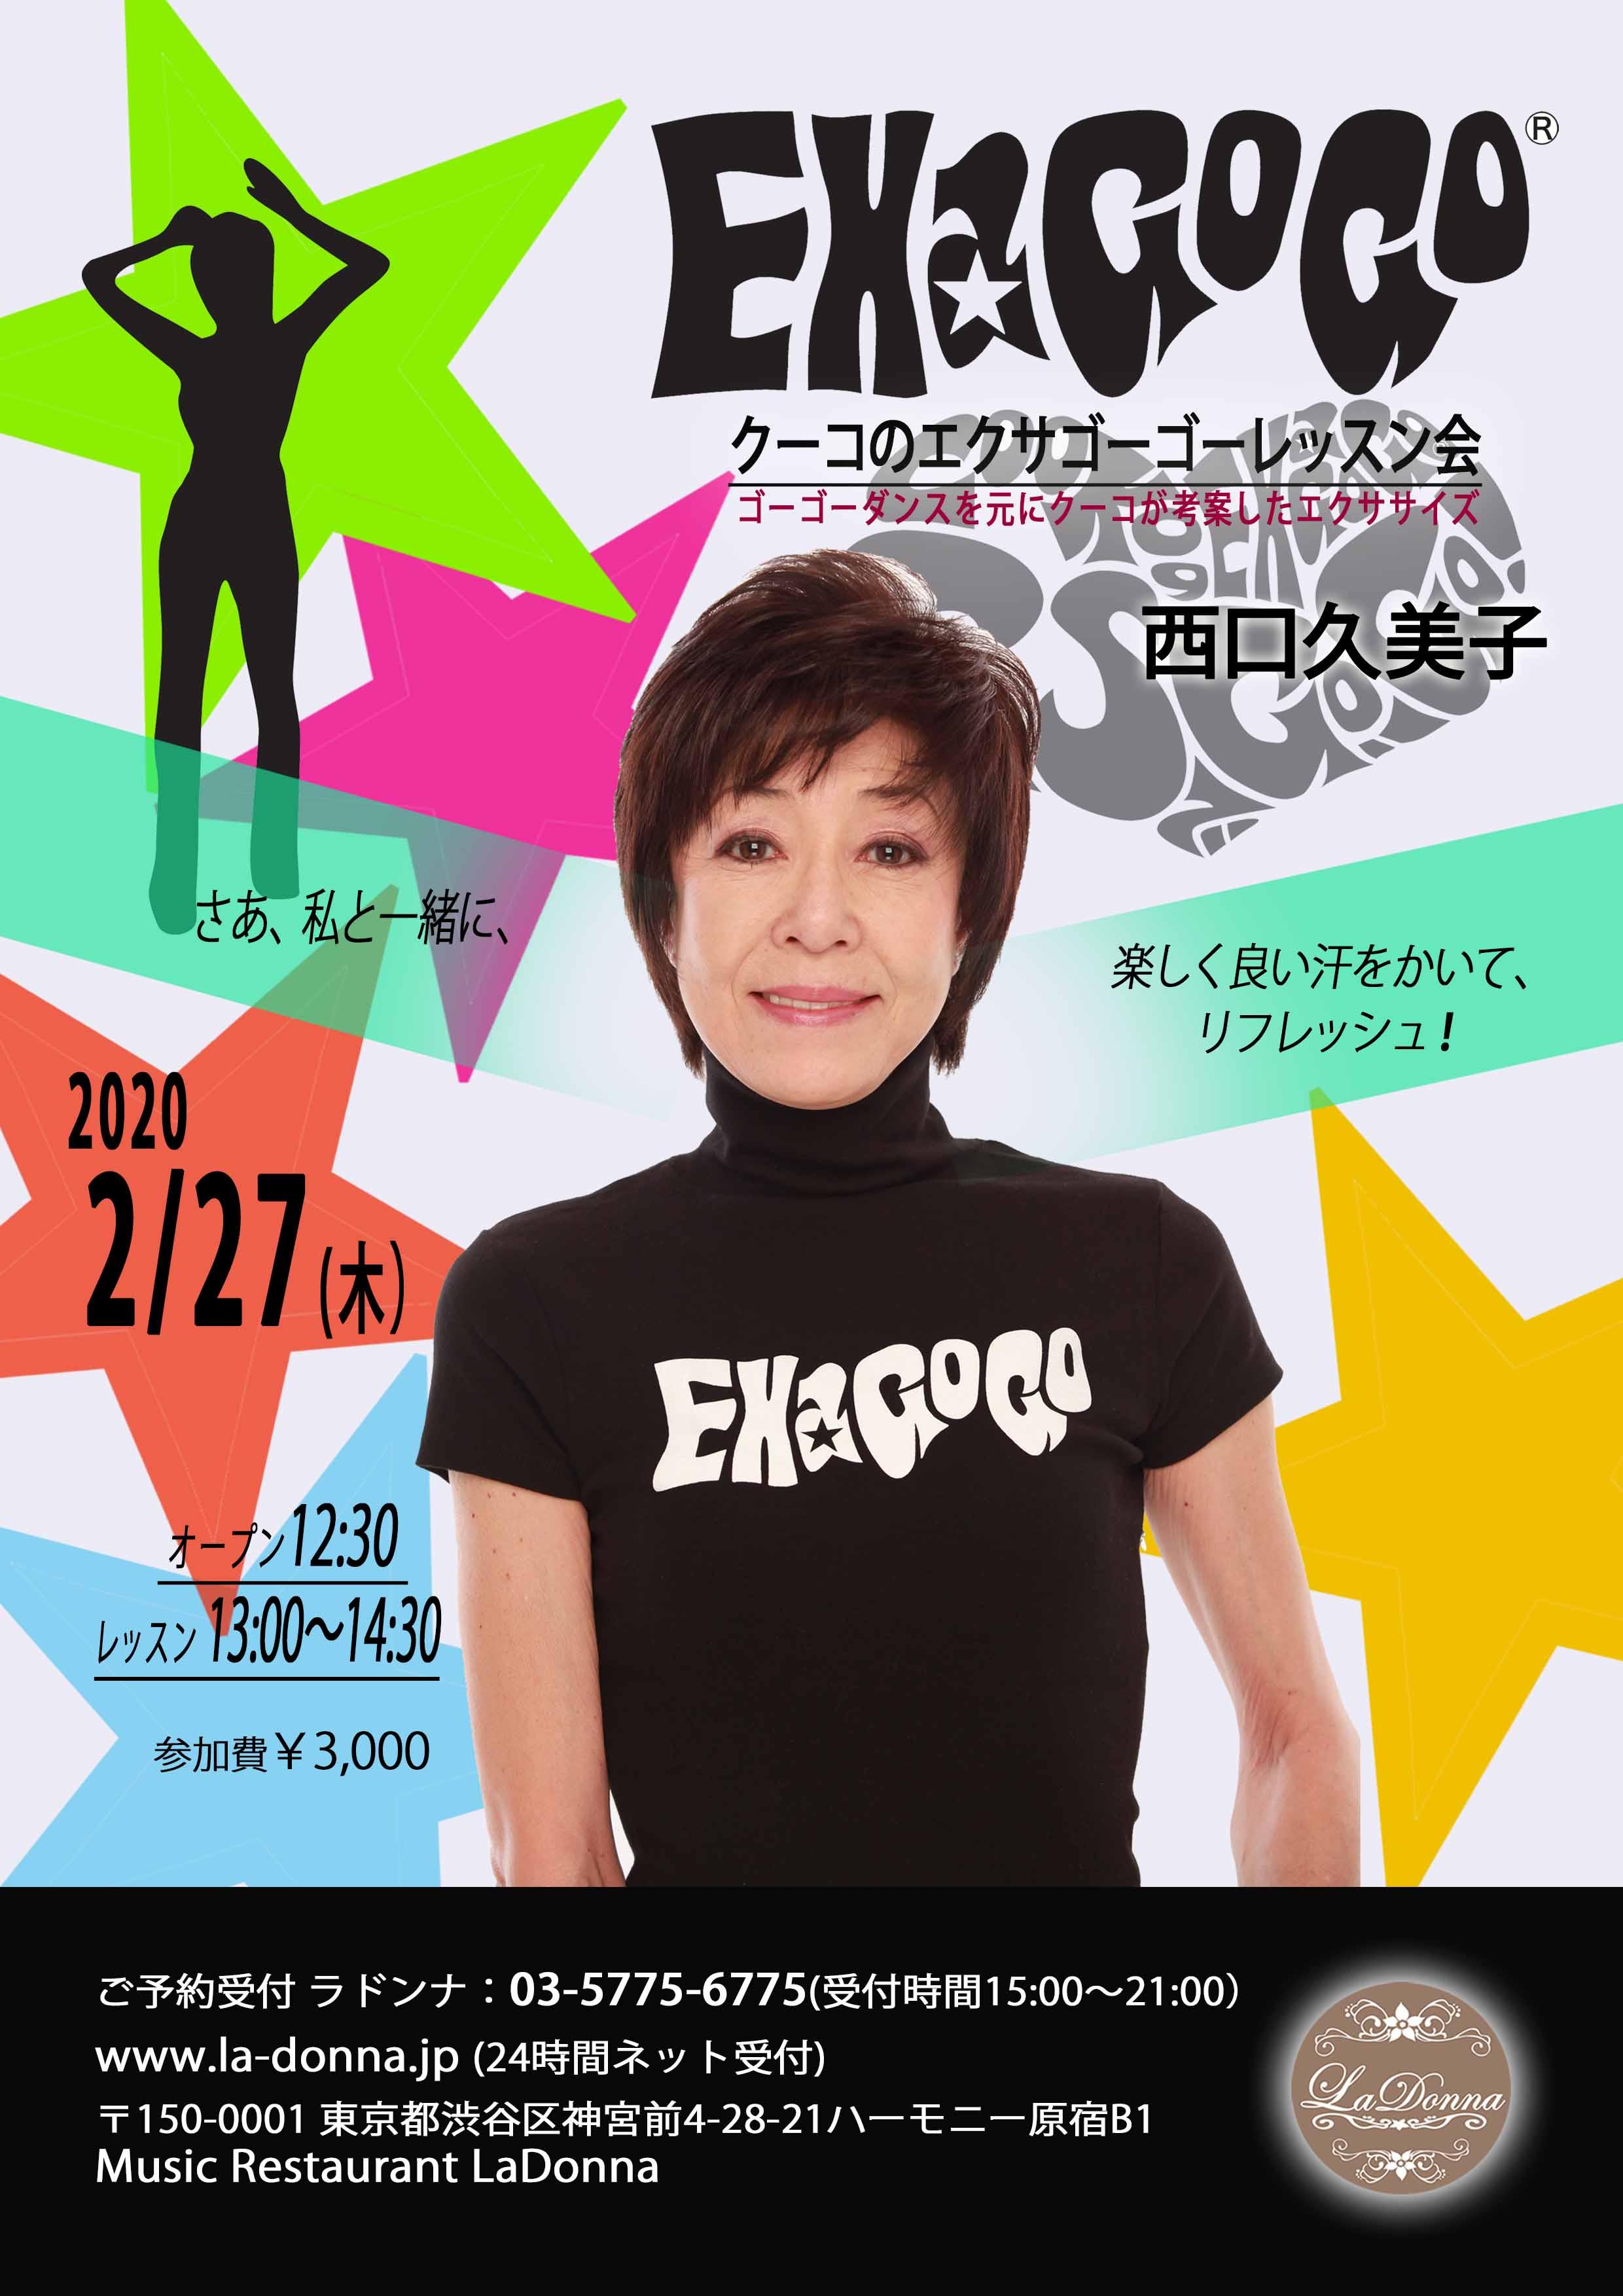 西口久美子 クーコのエクサゴーゴーレッスン会